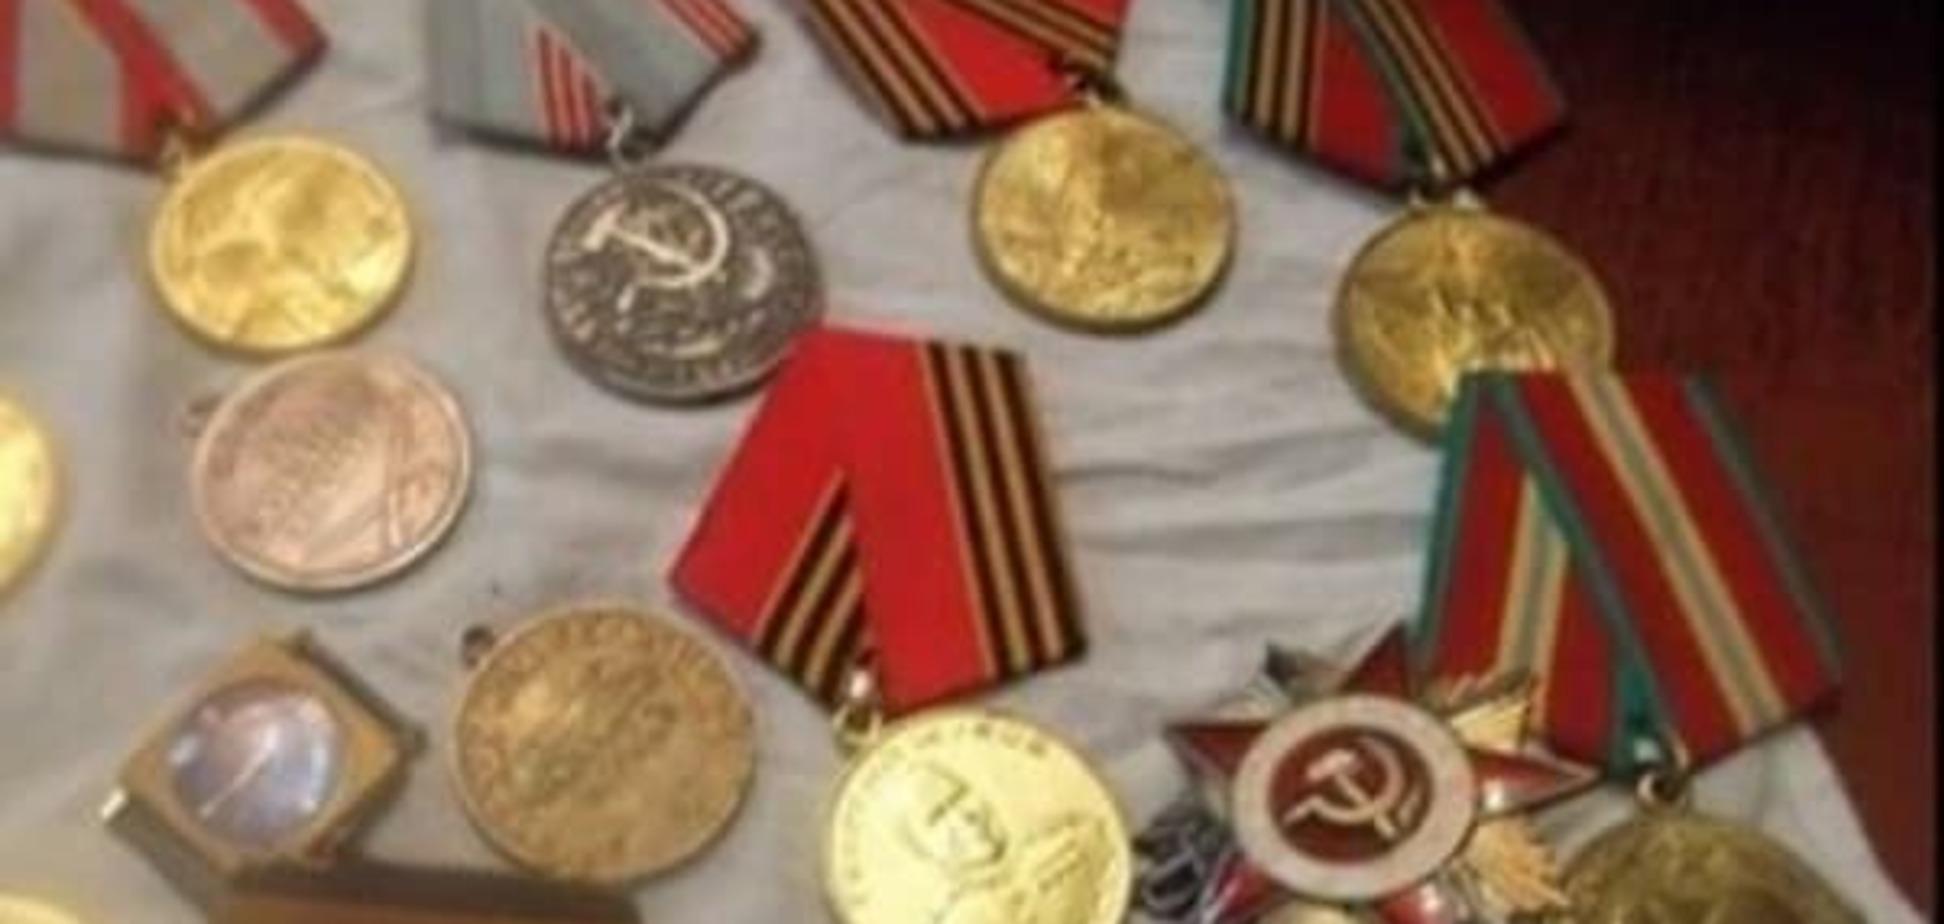 Діди воювали, внучки продавали: москвичка вирішила поміняти медалі дідуся на iPhone. Фотофакт